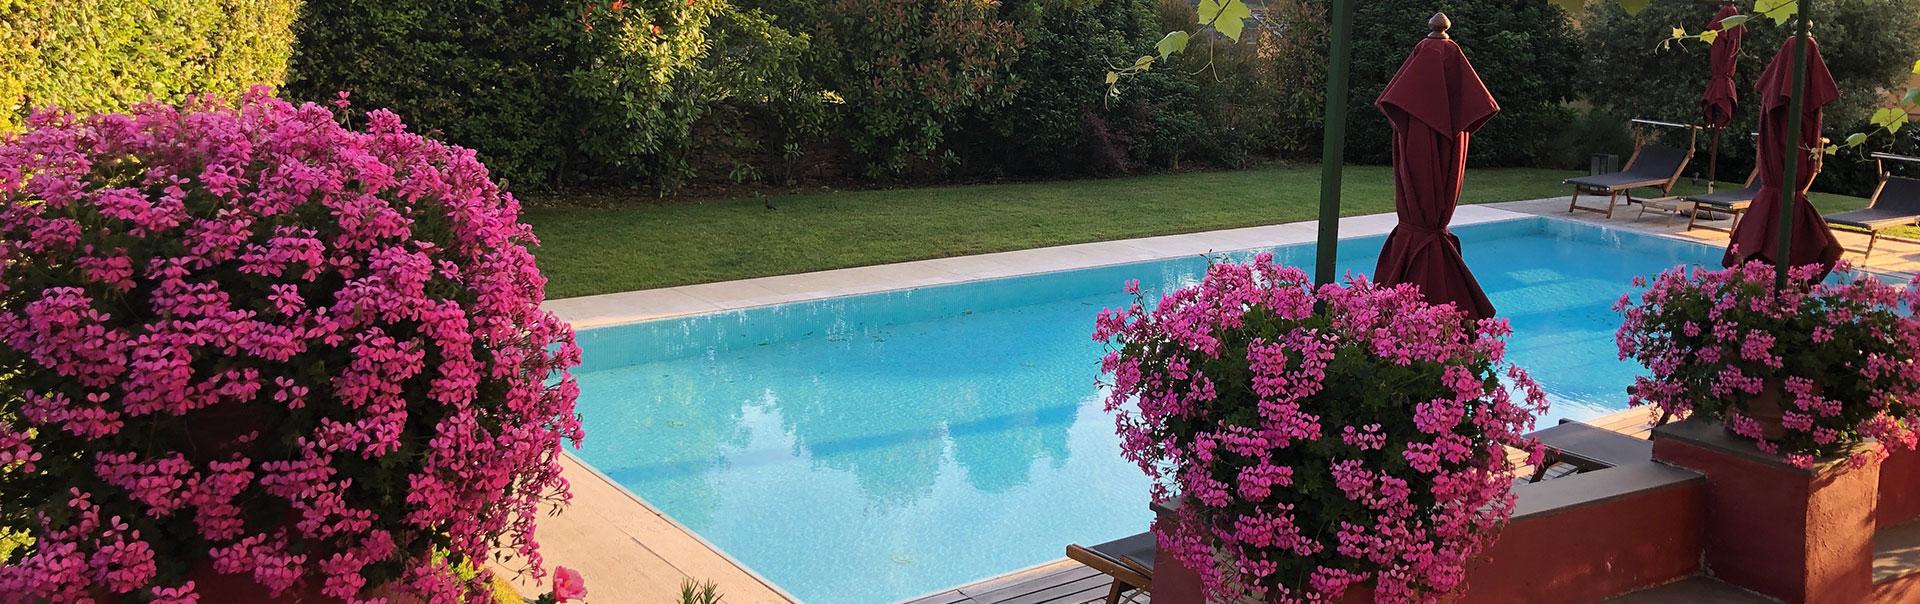 la-villa-piscina